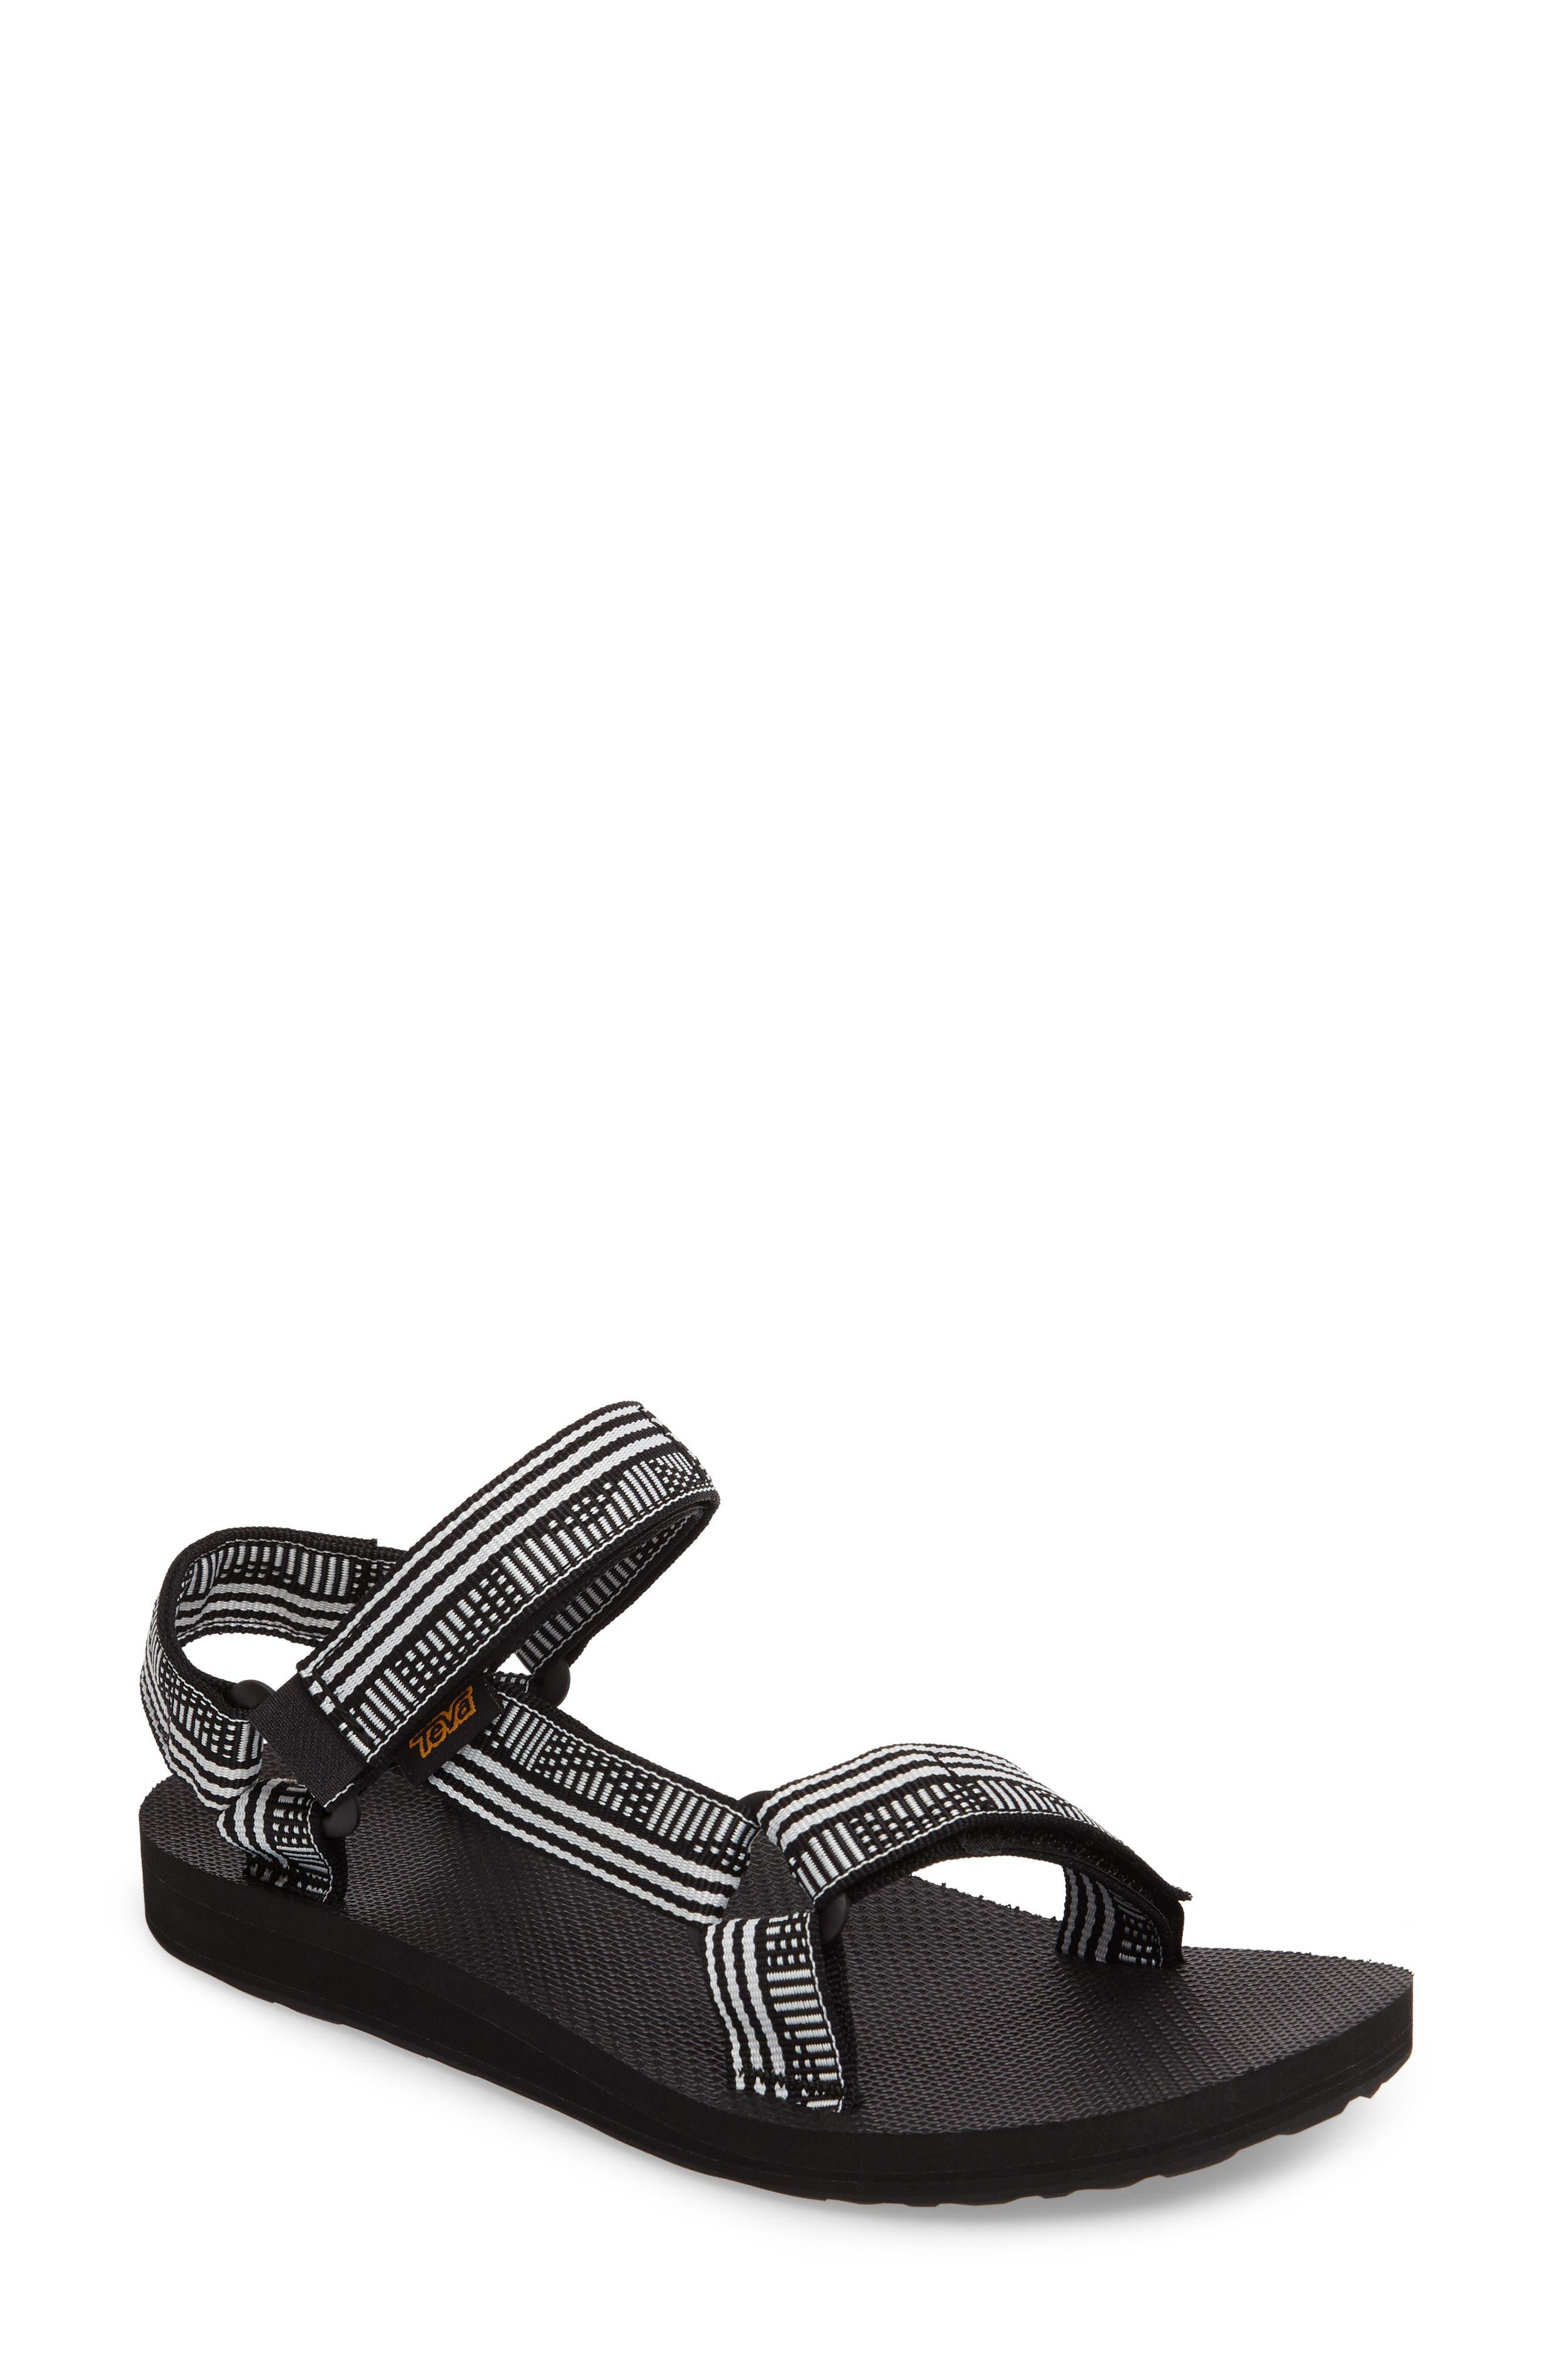 Alternate Image 1 Selected - Teva 'Original Universal' Sandal (Women)